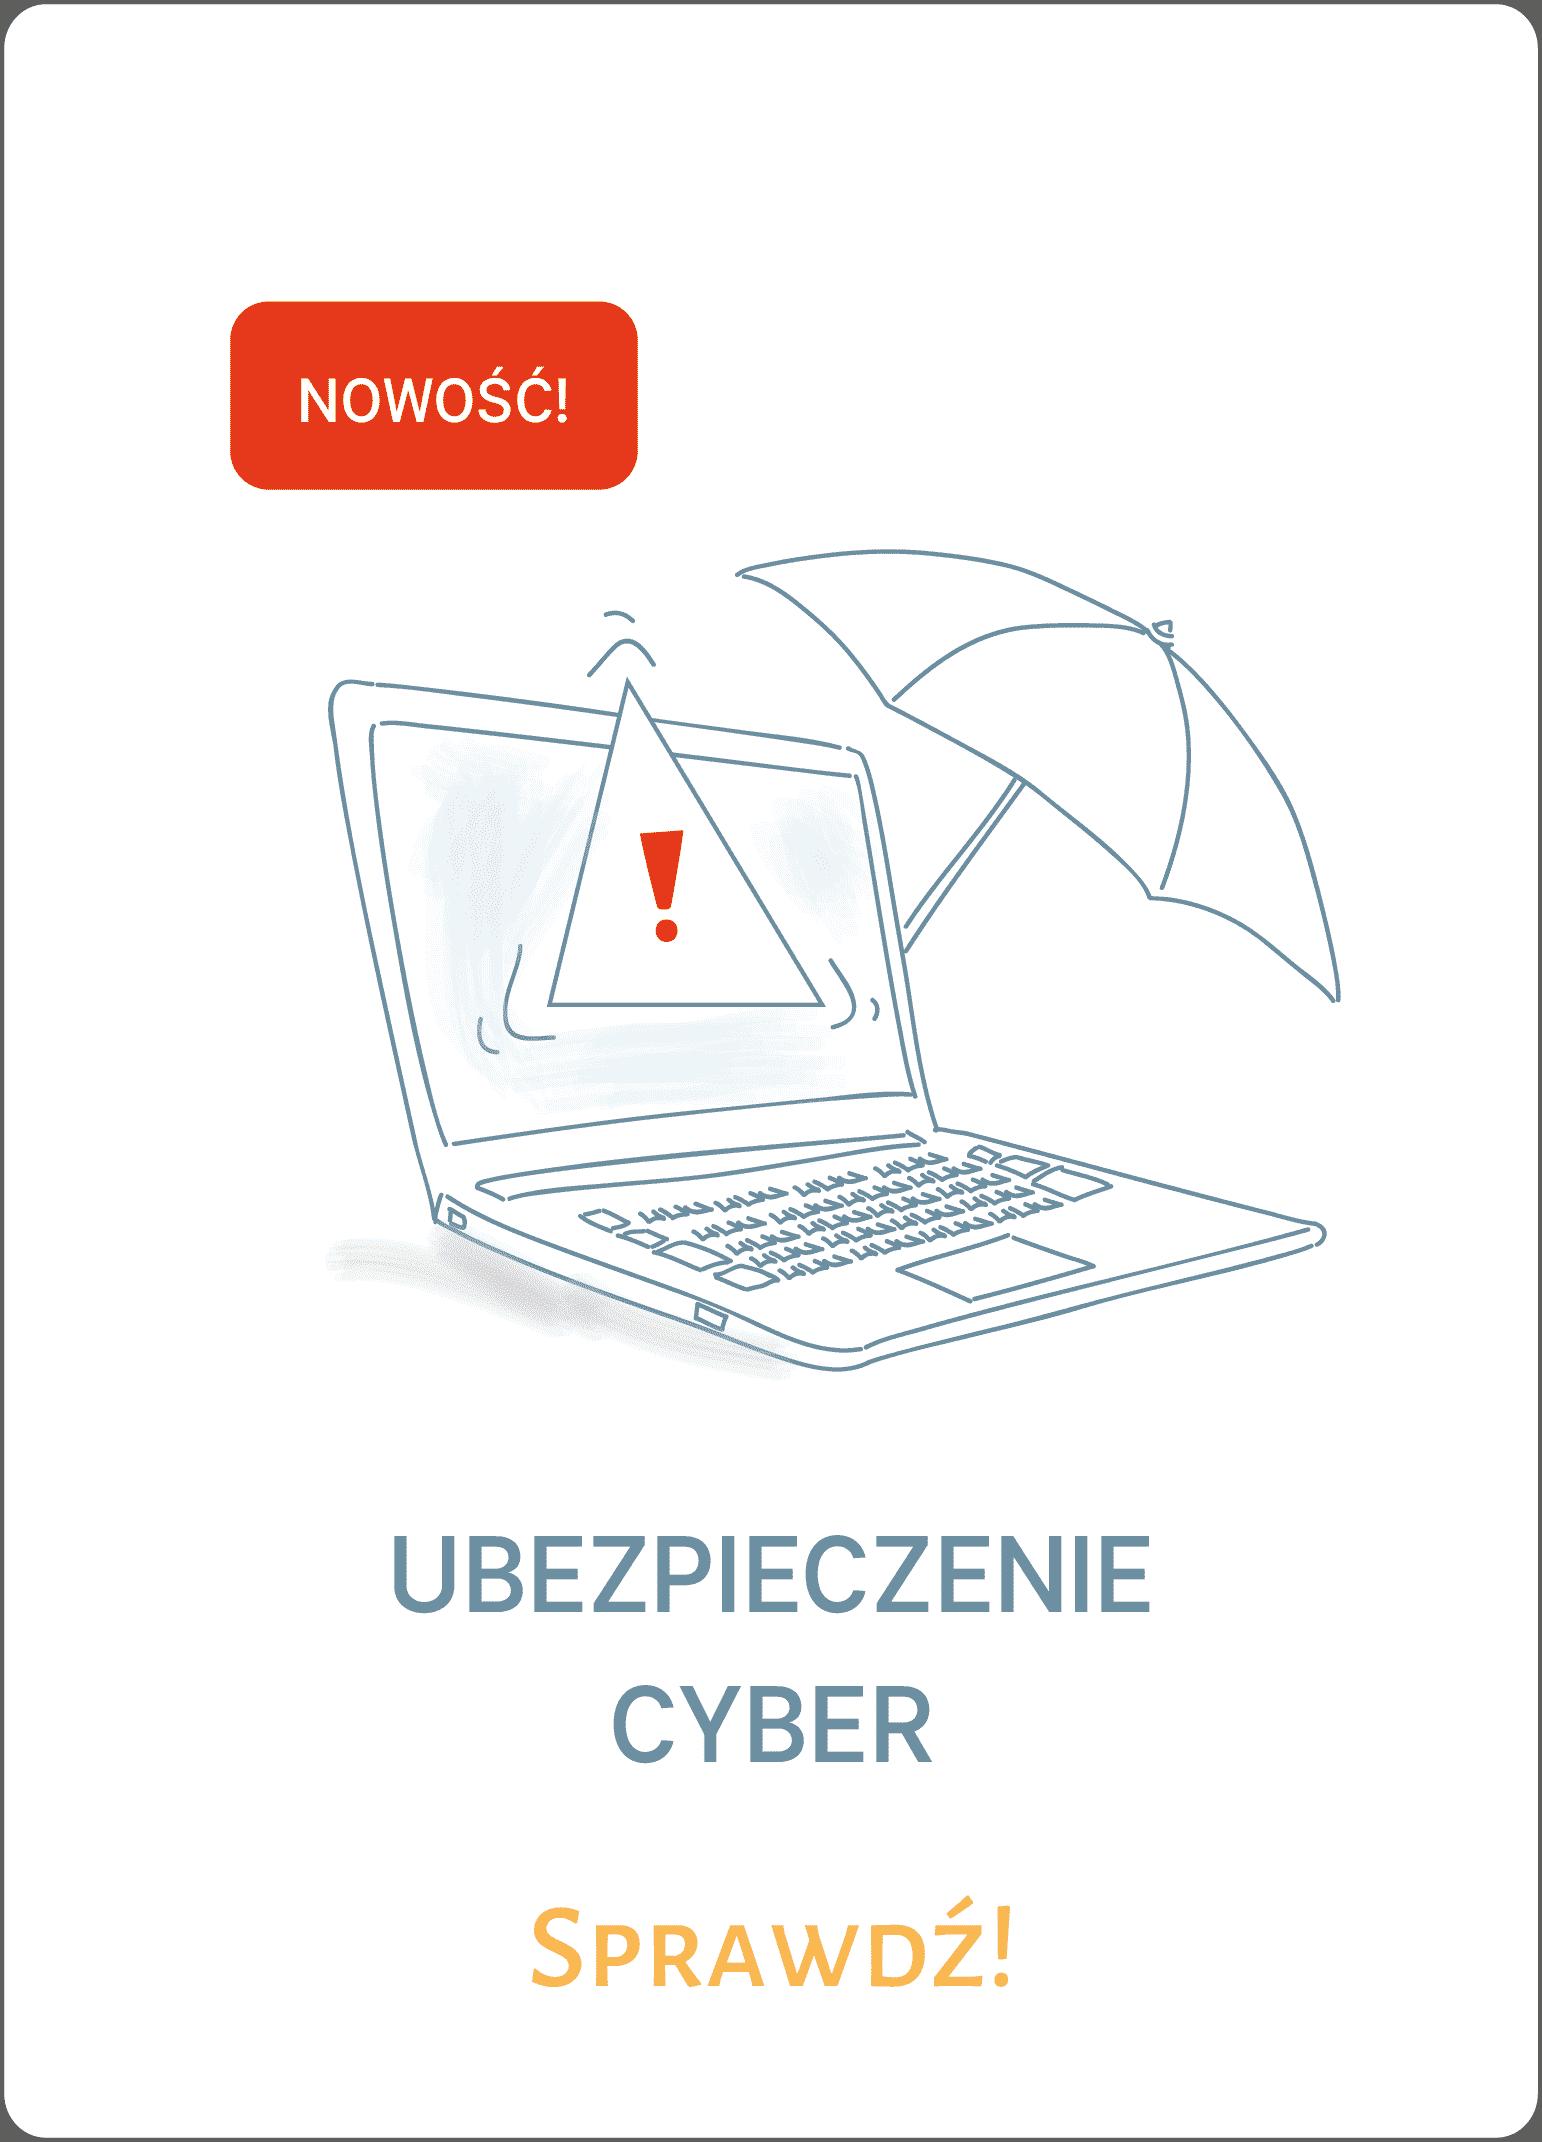 ubezpieczenie cyber dla firmy